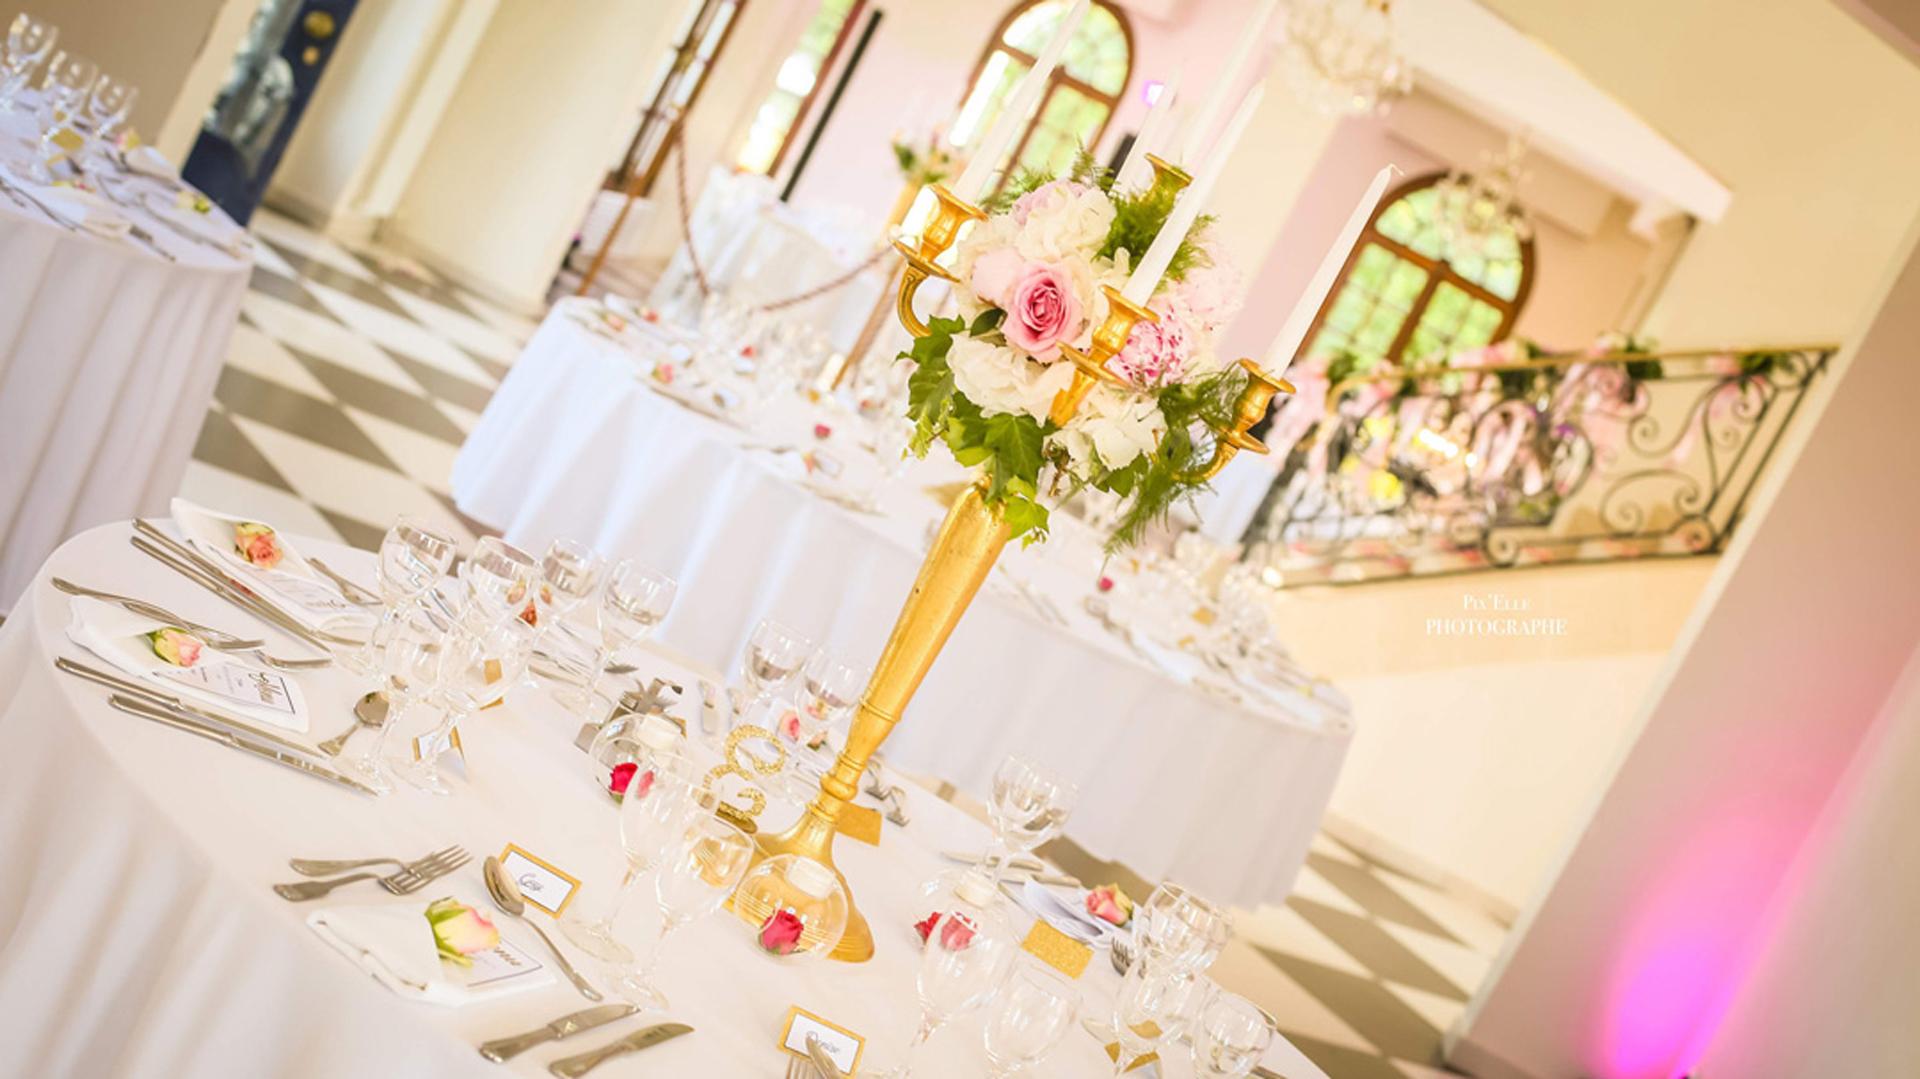 Conception et design de votre événement / mariage par Perfect Moment By A Wedding planner Reims